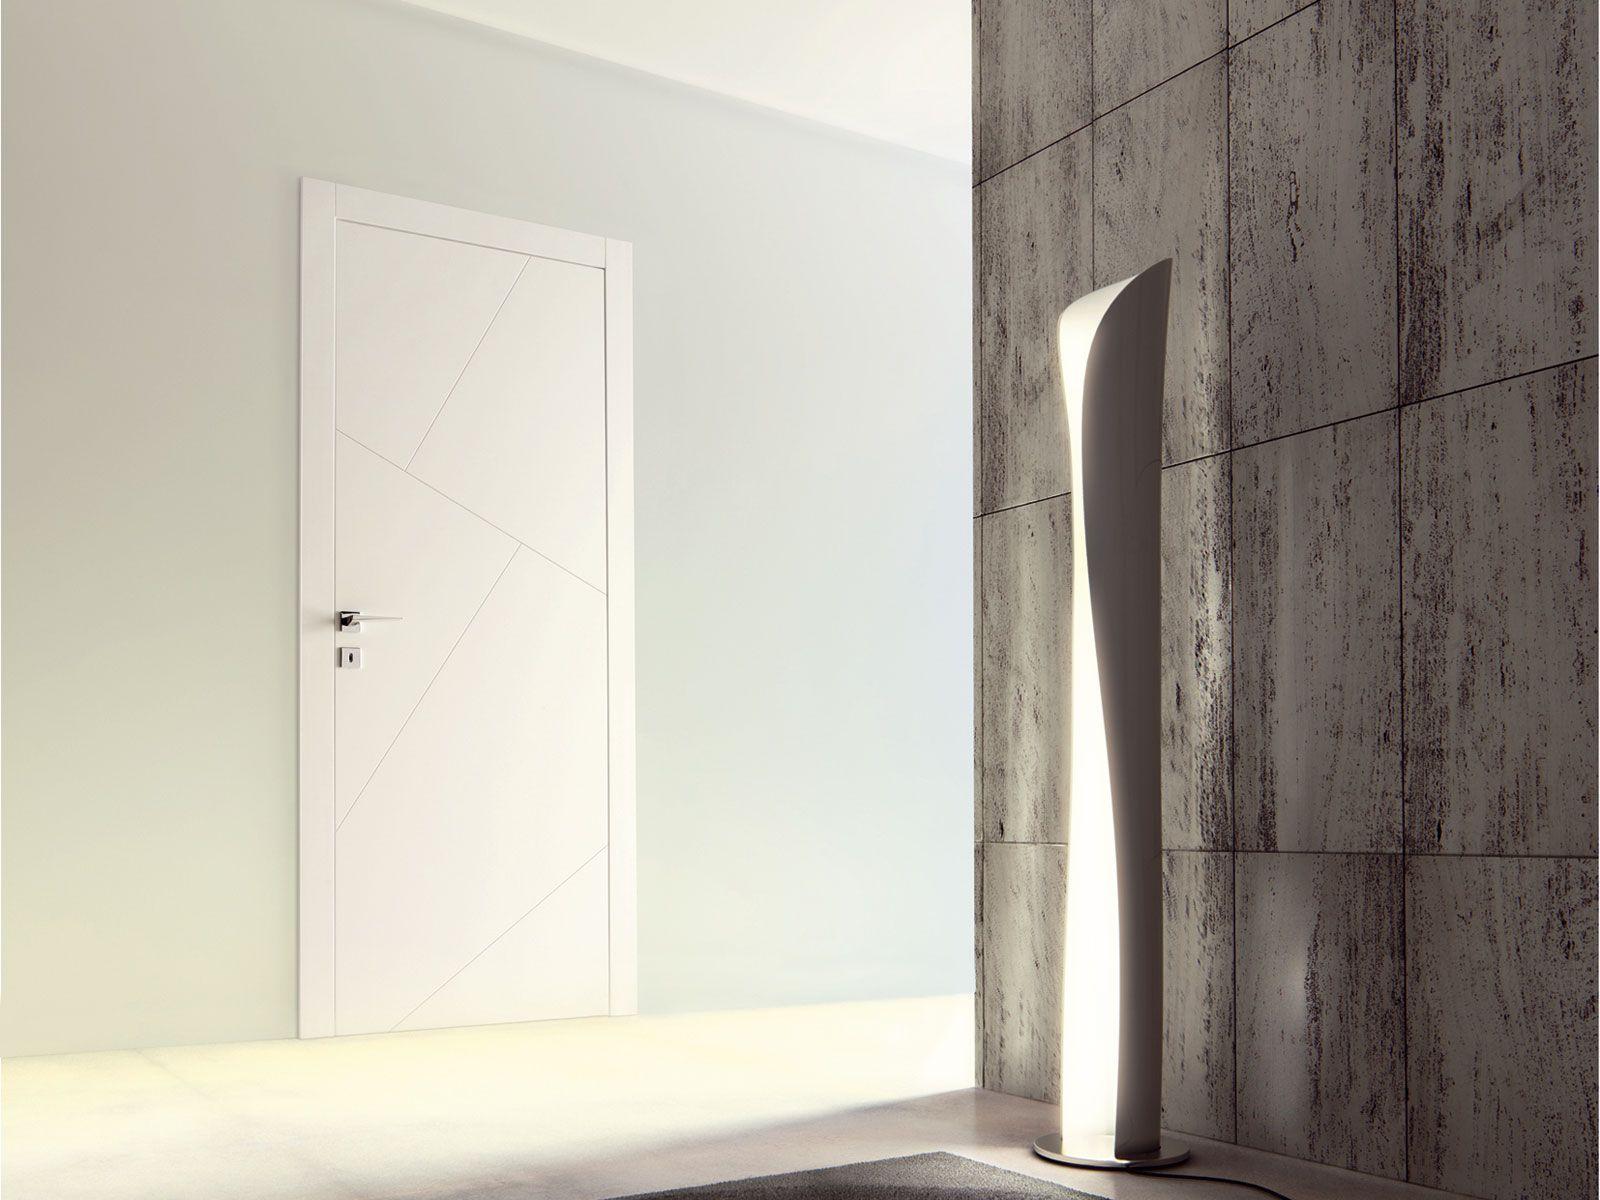 Porta a filo muro laccata rio by ghizzi benatti design - Porta a muro ...